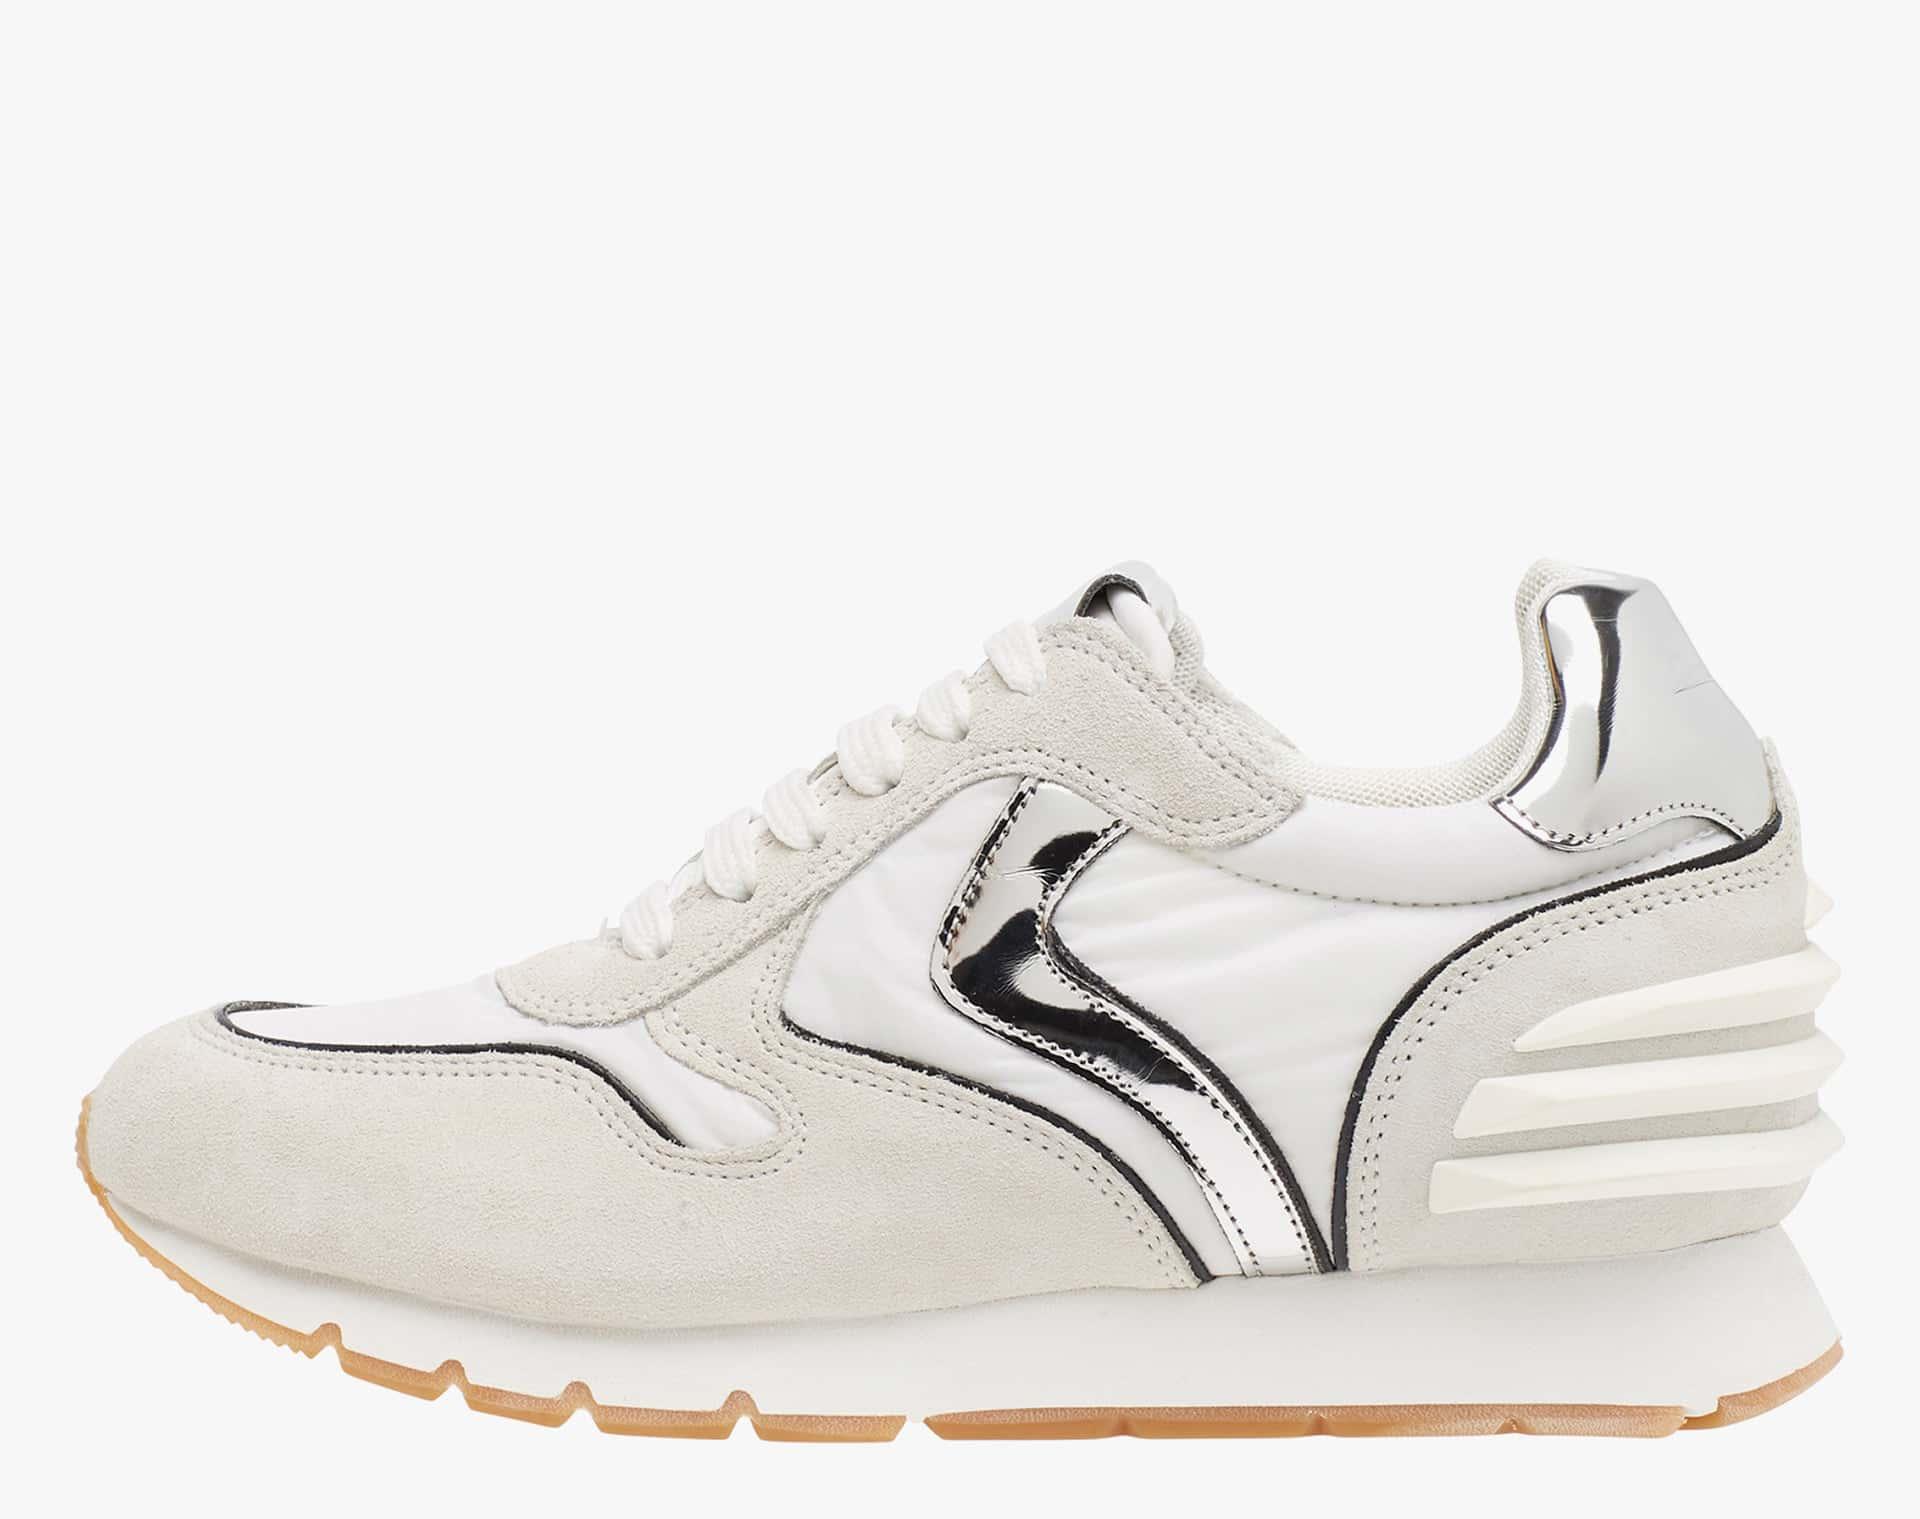 JULIA SLAM POWER - Sneaker in suede e tessuto tecnico - Bianco/Argento